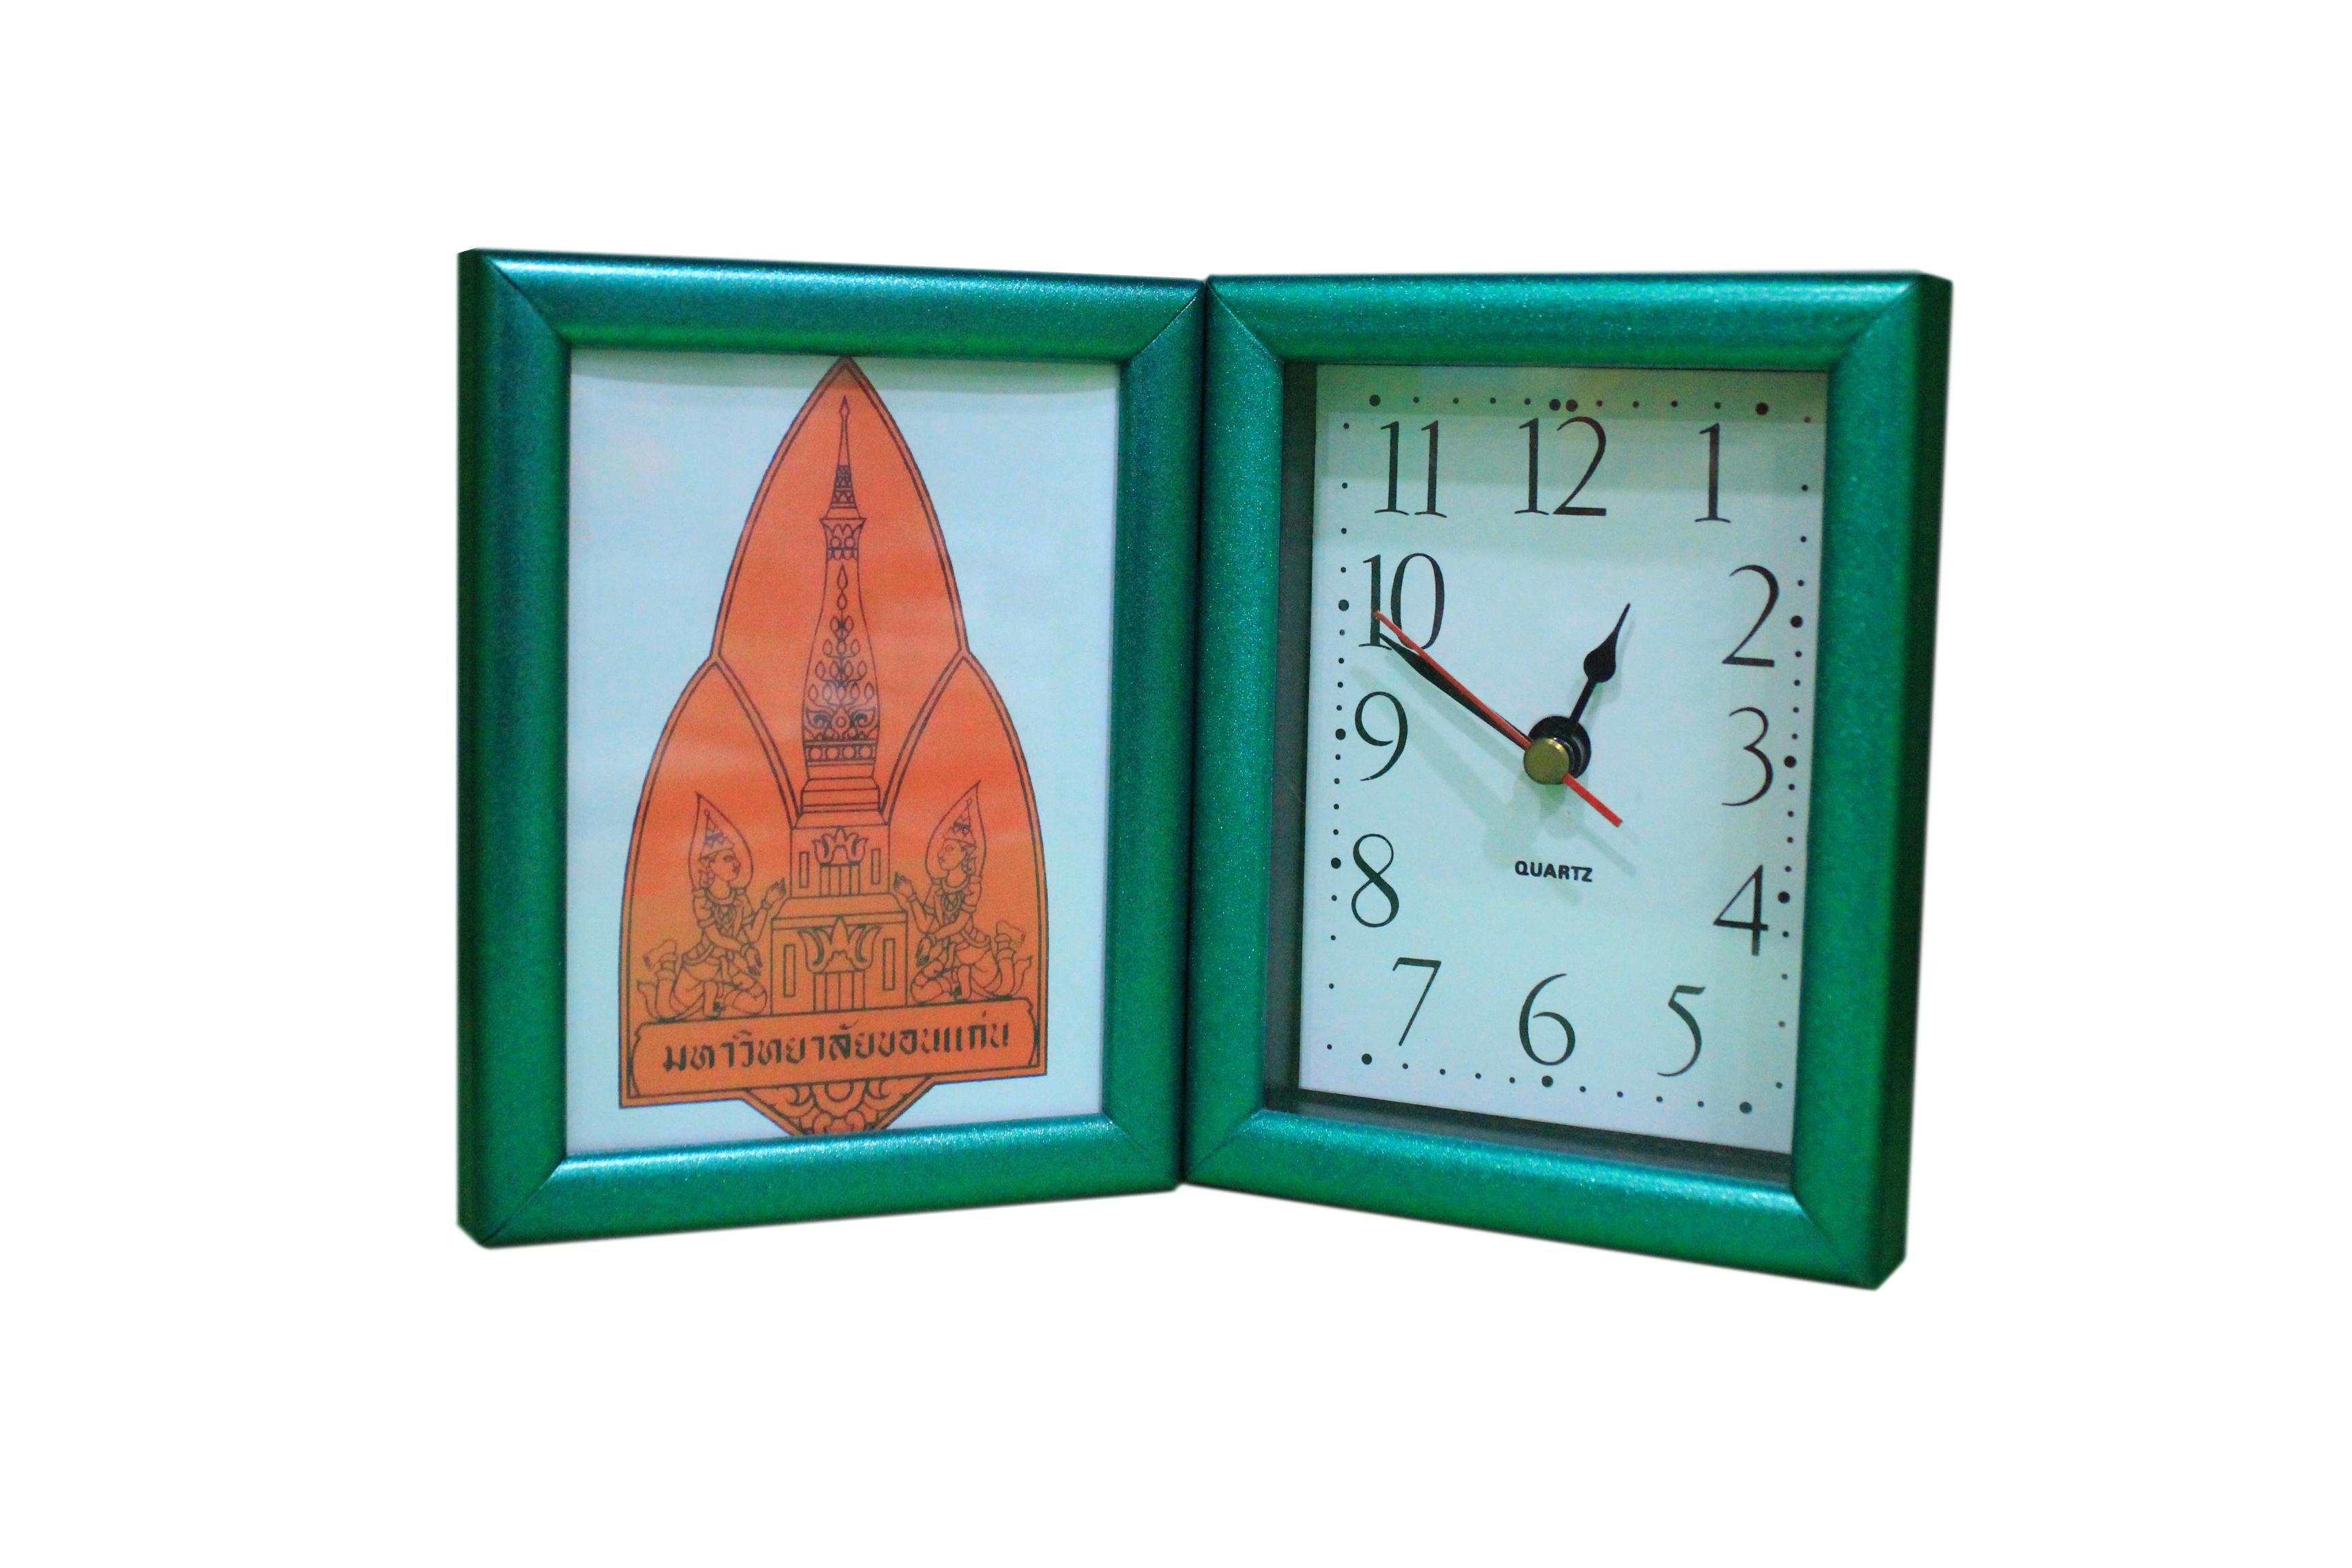 นาฬิกาพับเล็ก สีเขียว